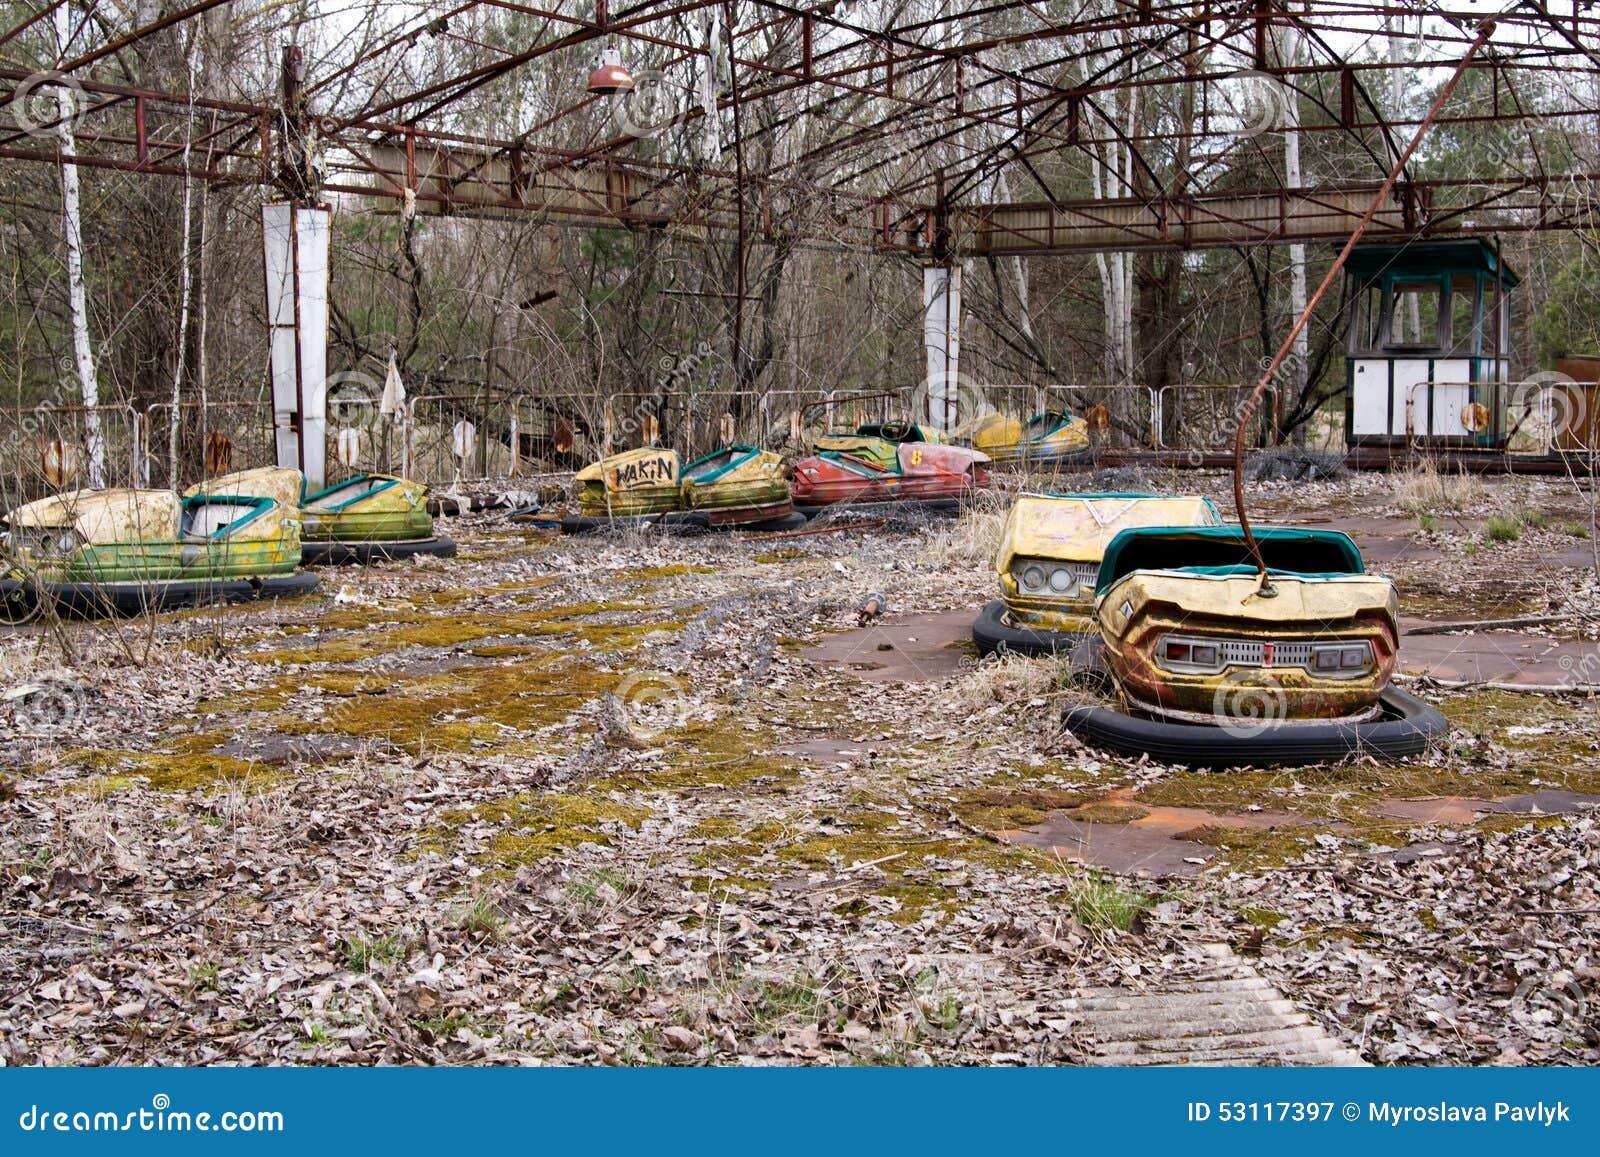 Donna laureata? Niente figli Parco-di-divertimenti-abbandonato-nella-città-fantasma-di-pripyat-cernobyl-53117397